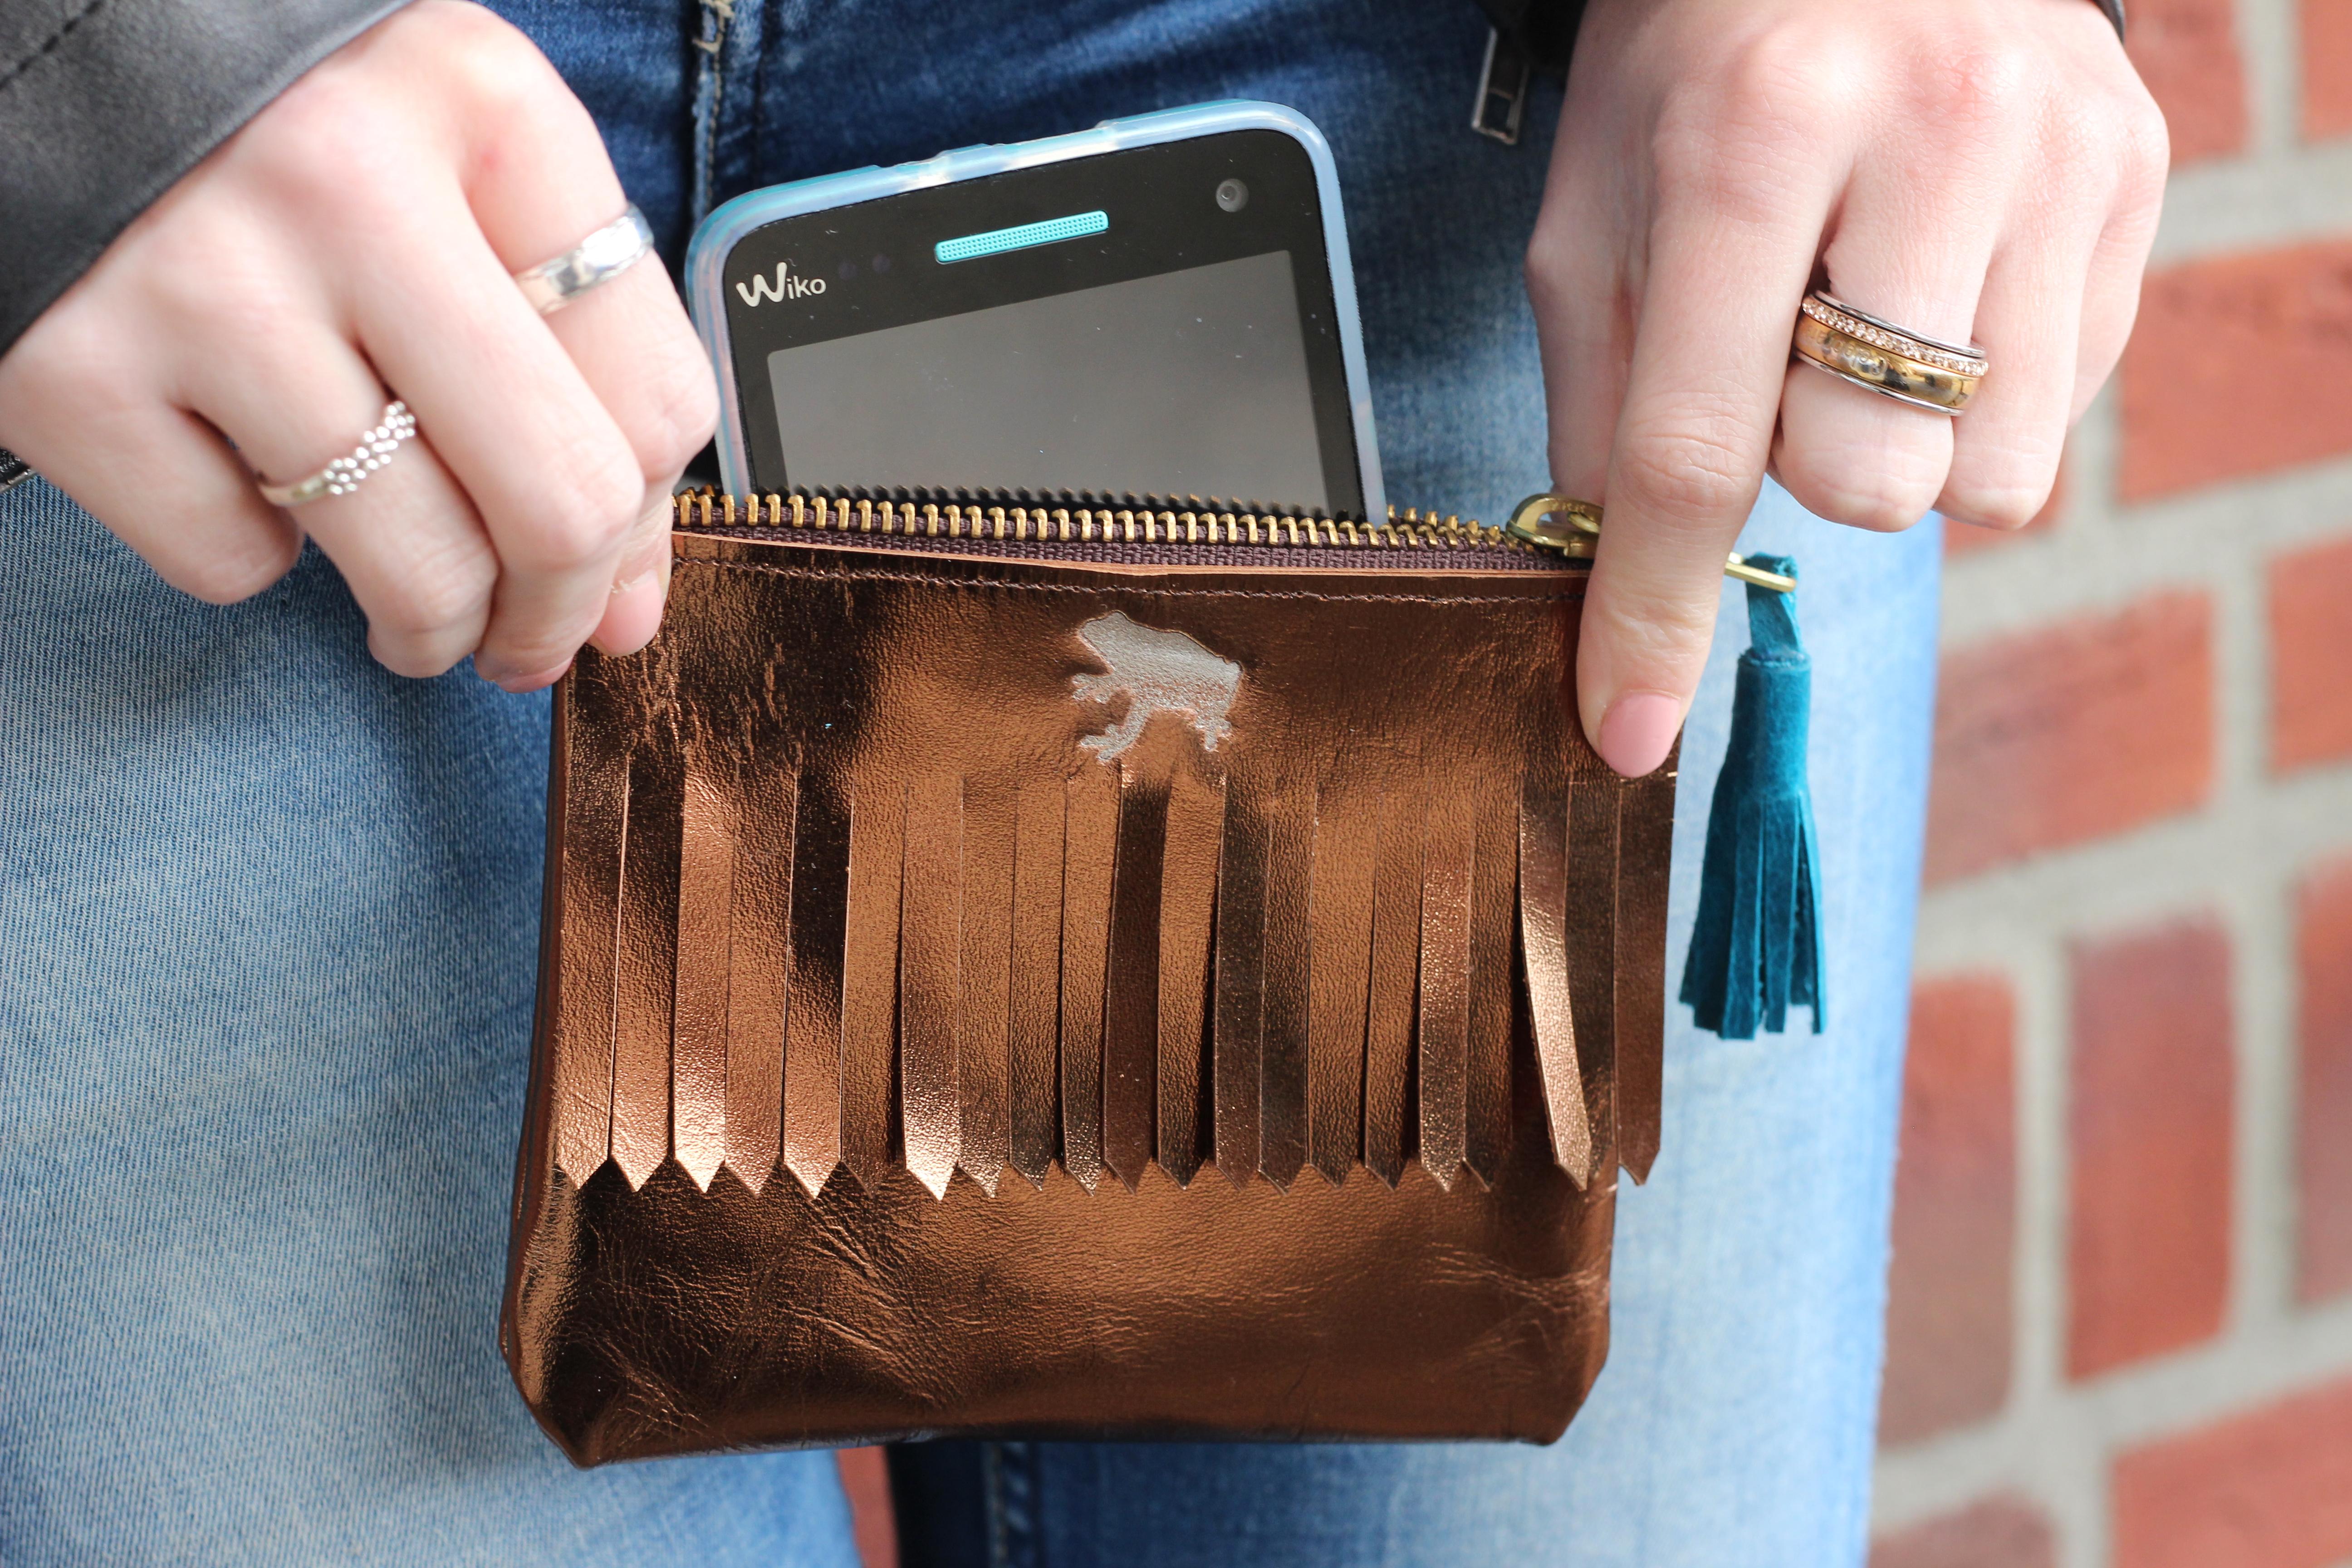 5820c97d655 Een klein portemonneetje is echt super handig! Je kunt er van alles in  opbergen en in je tas doen, zonder dat er losgeld, oortjes, sleutels of  pennen door ...